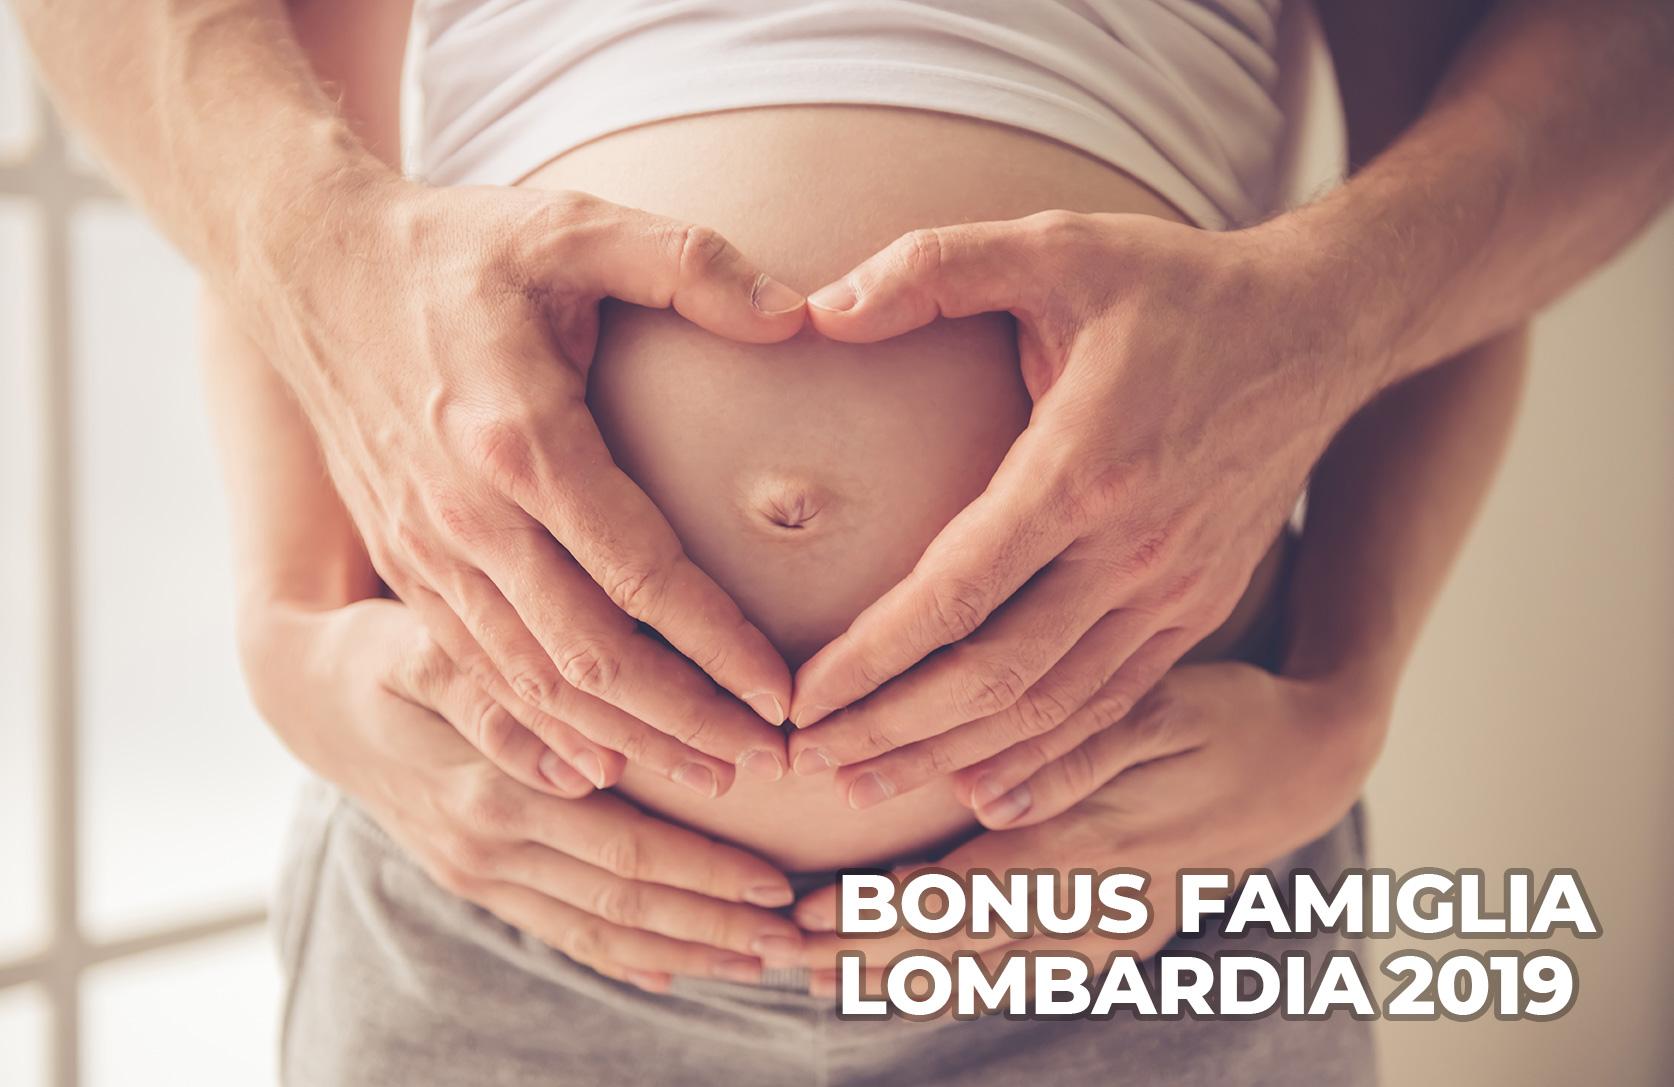 Bonus famiglia 2019. Regione Lombardia